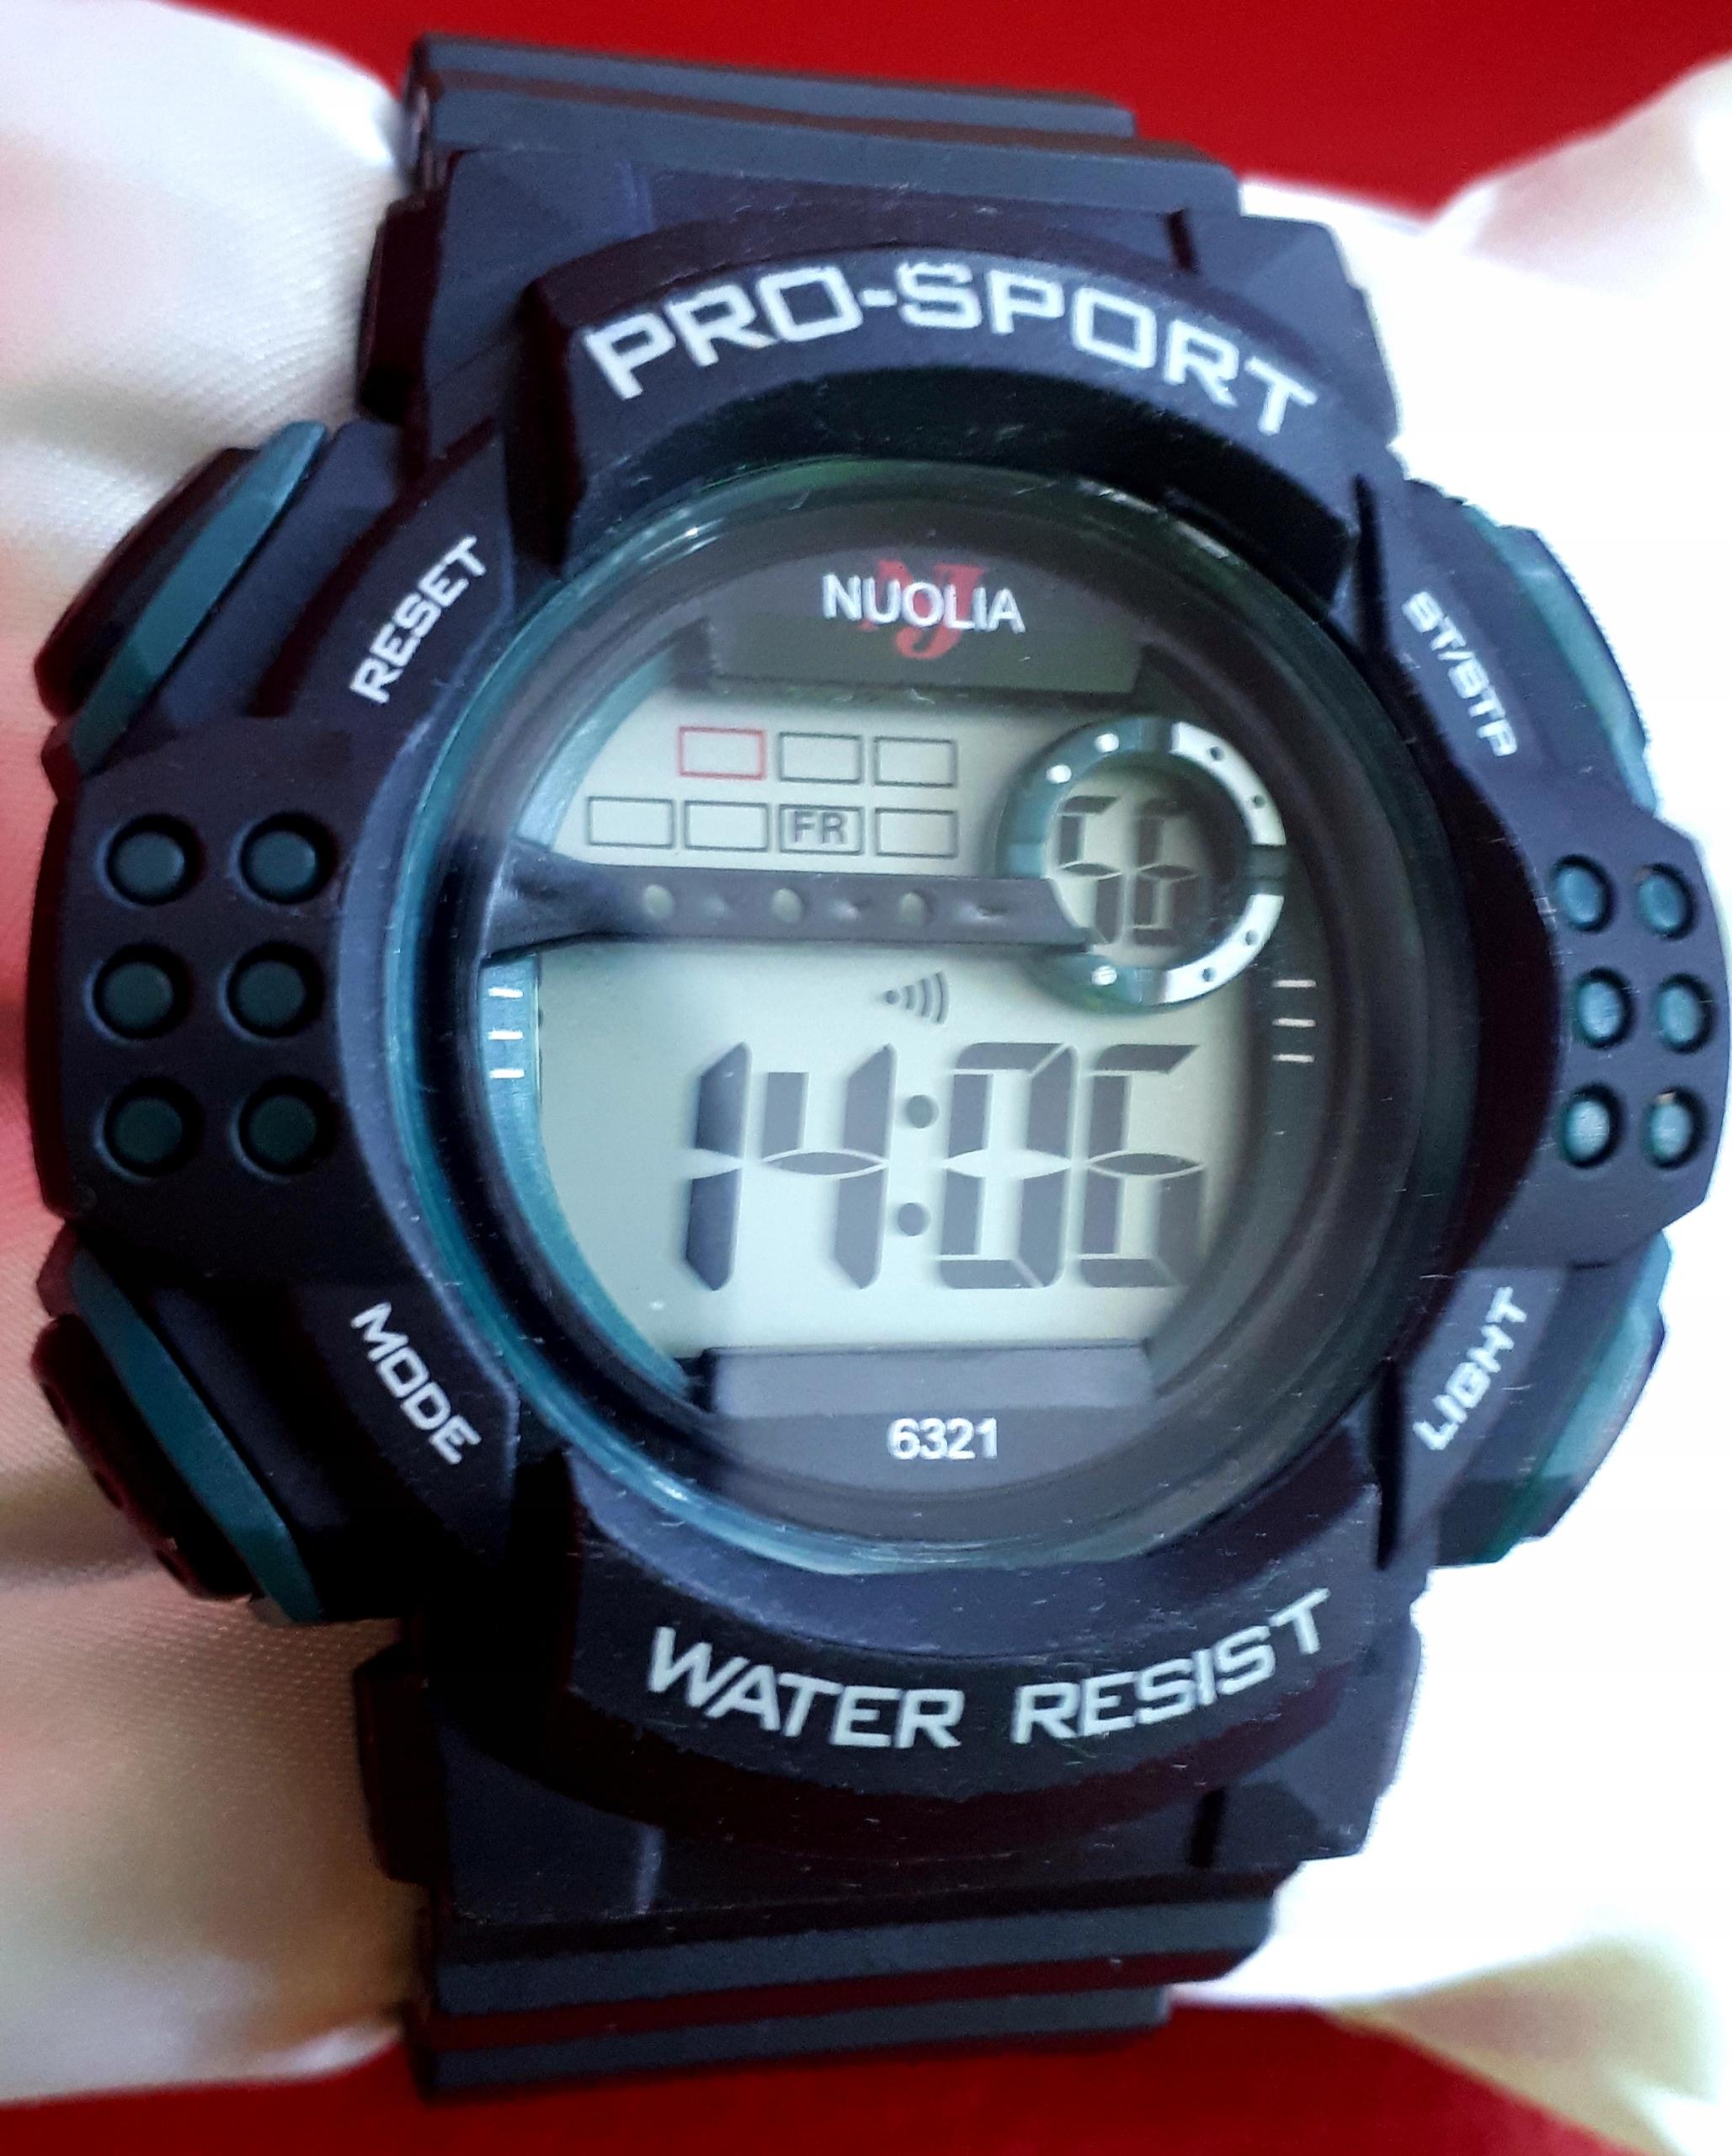 Zegarek Sportowy NUOLIA. OKAZJA!